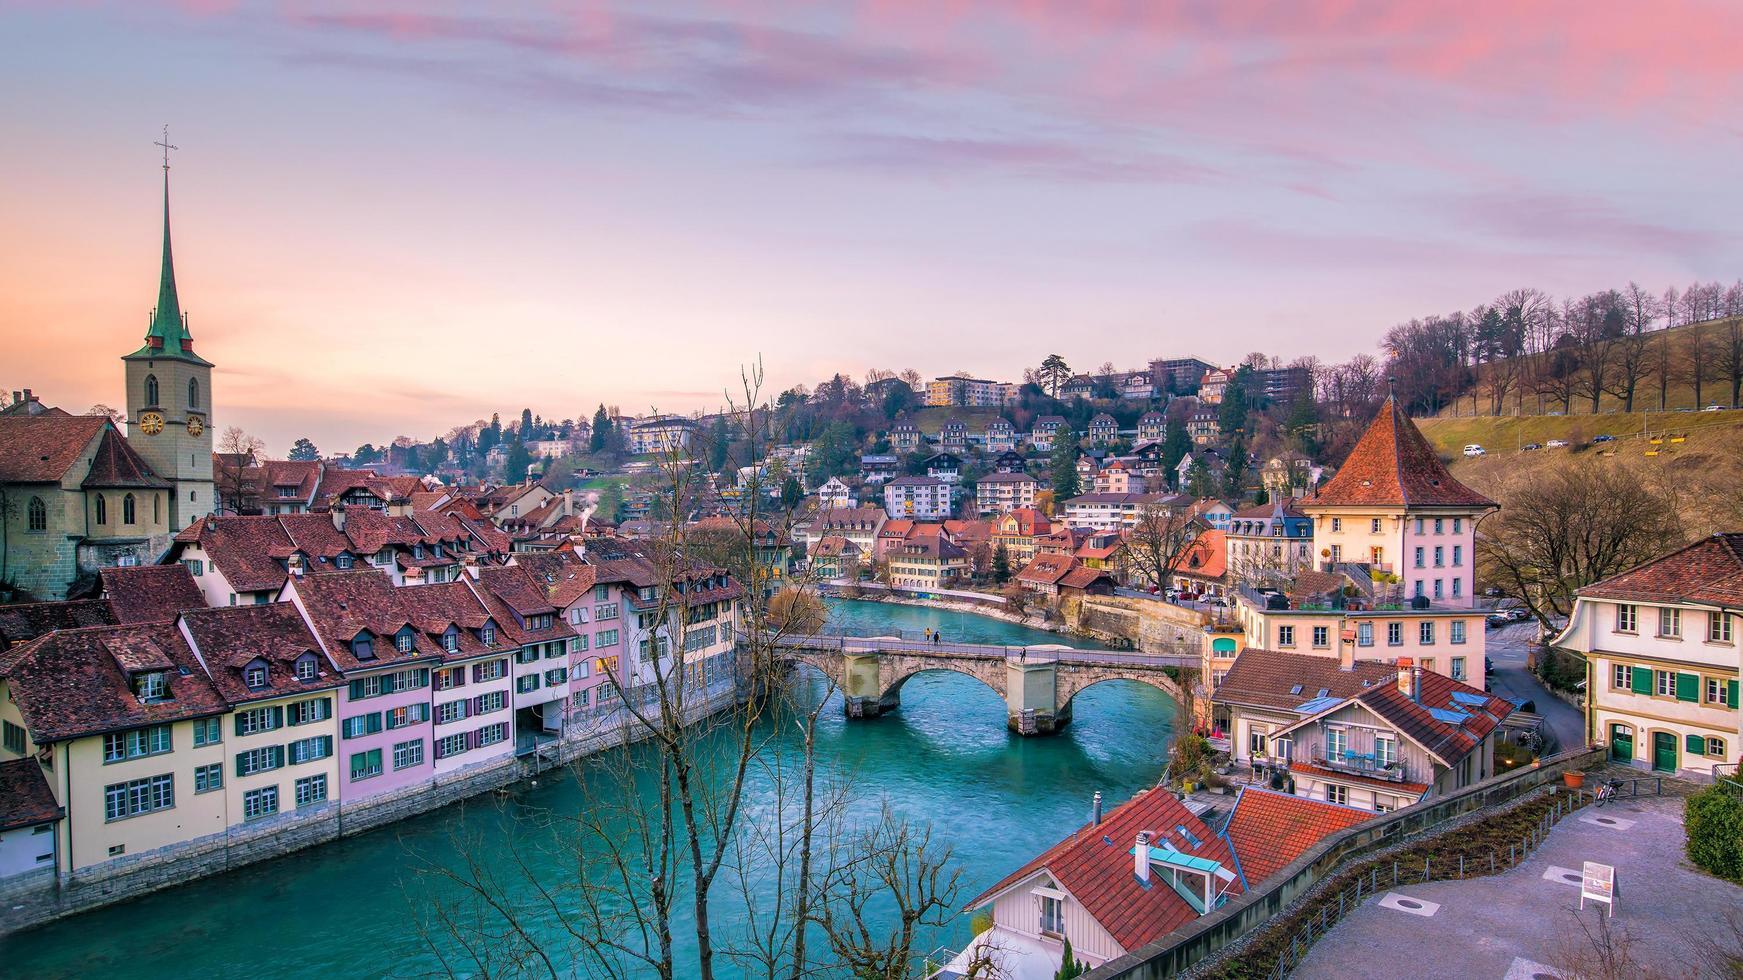 città vecchia di berna, capitale della svizzera foto